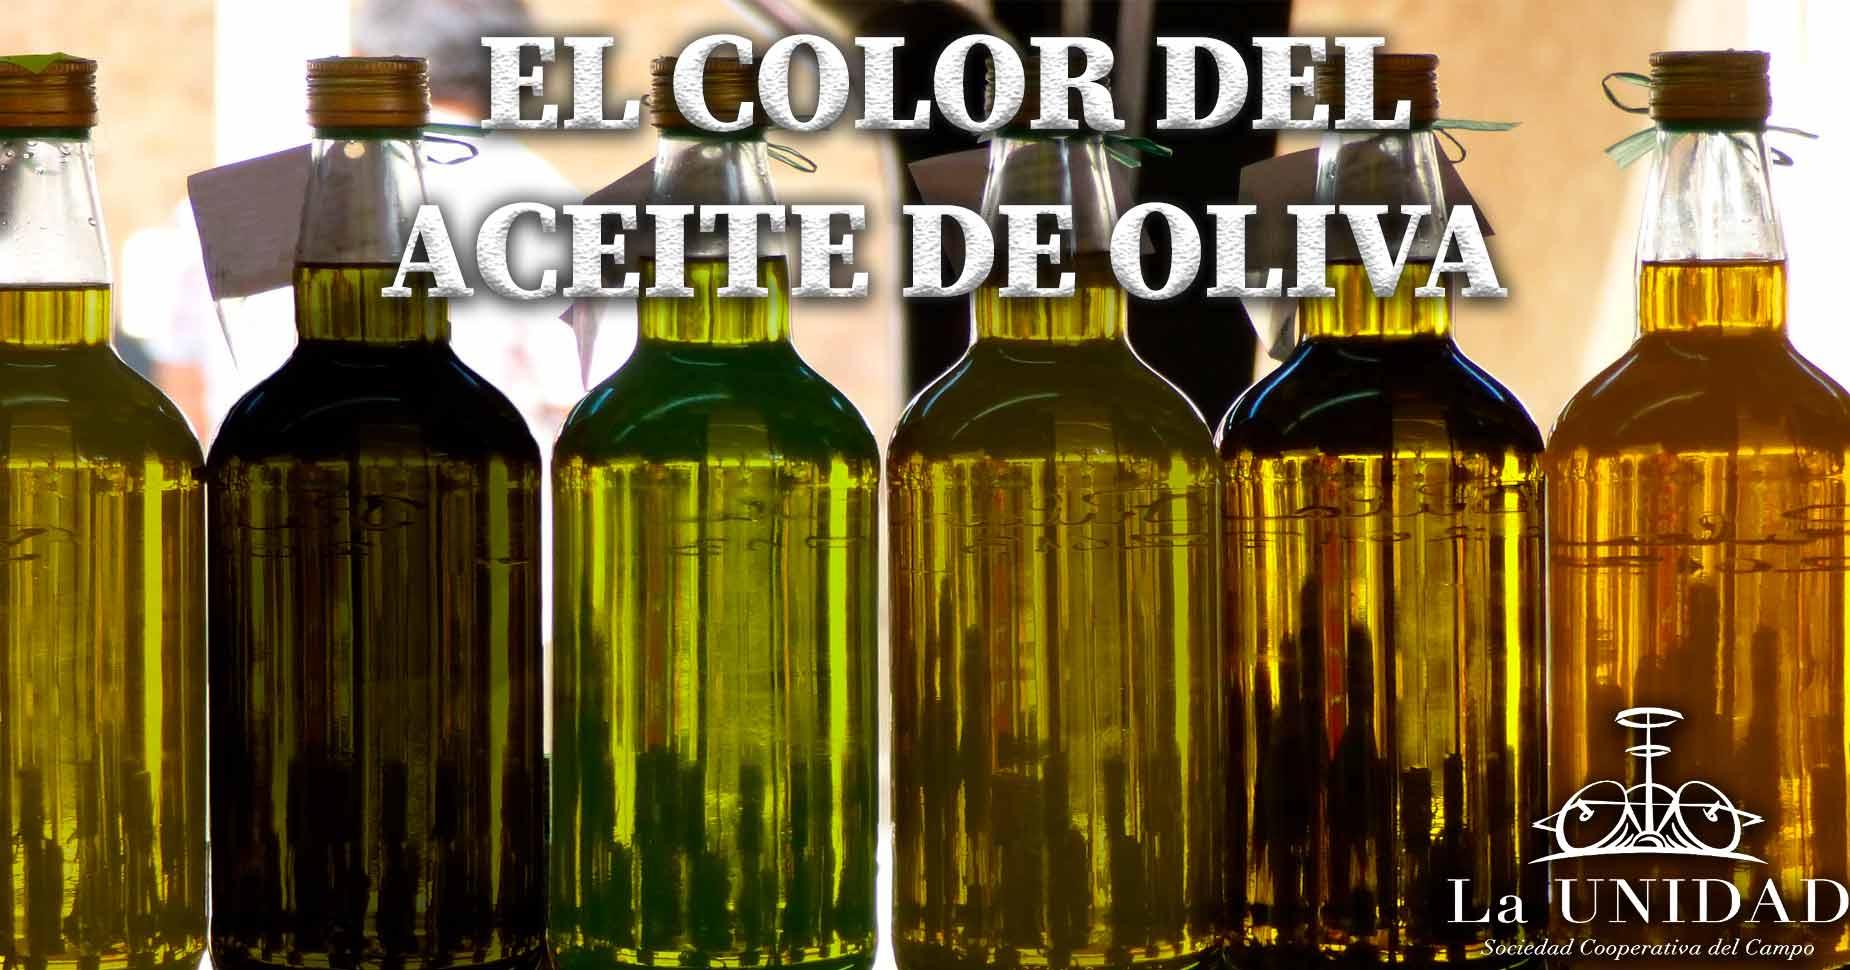 El color del aceite de oliva